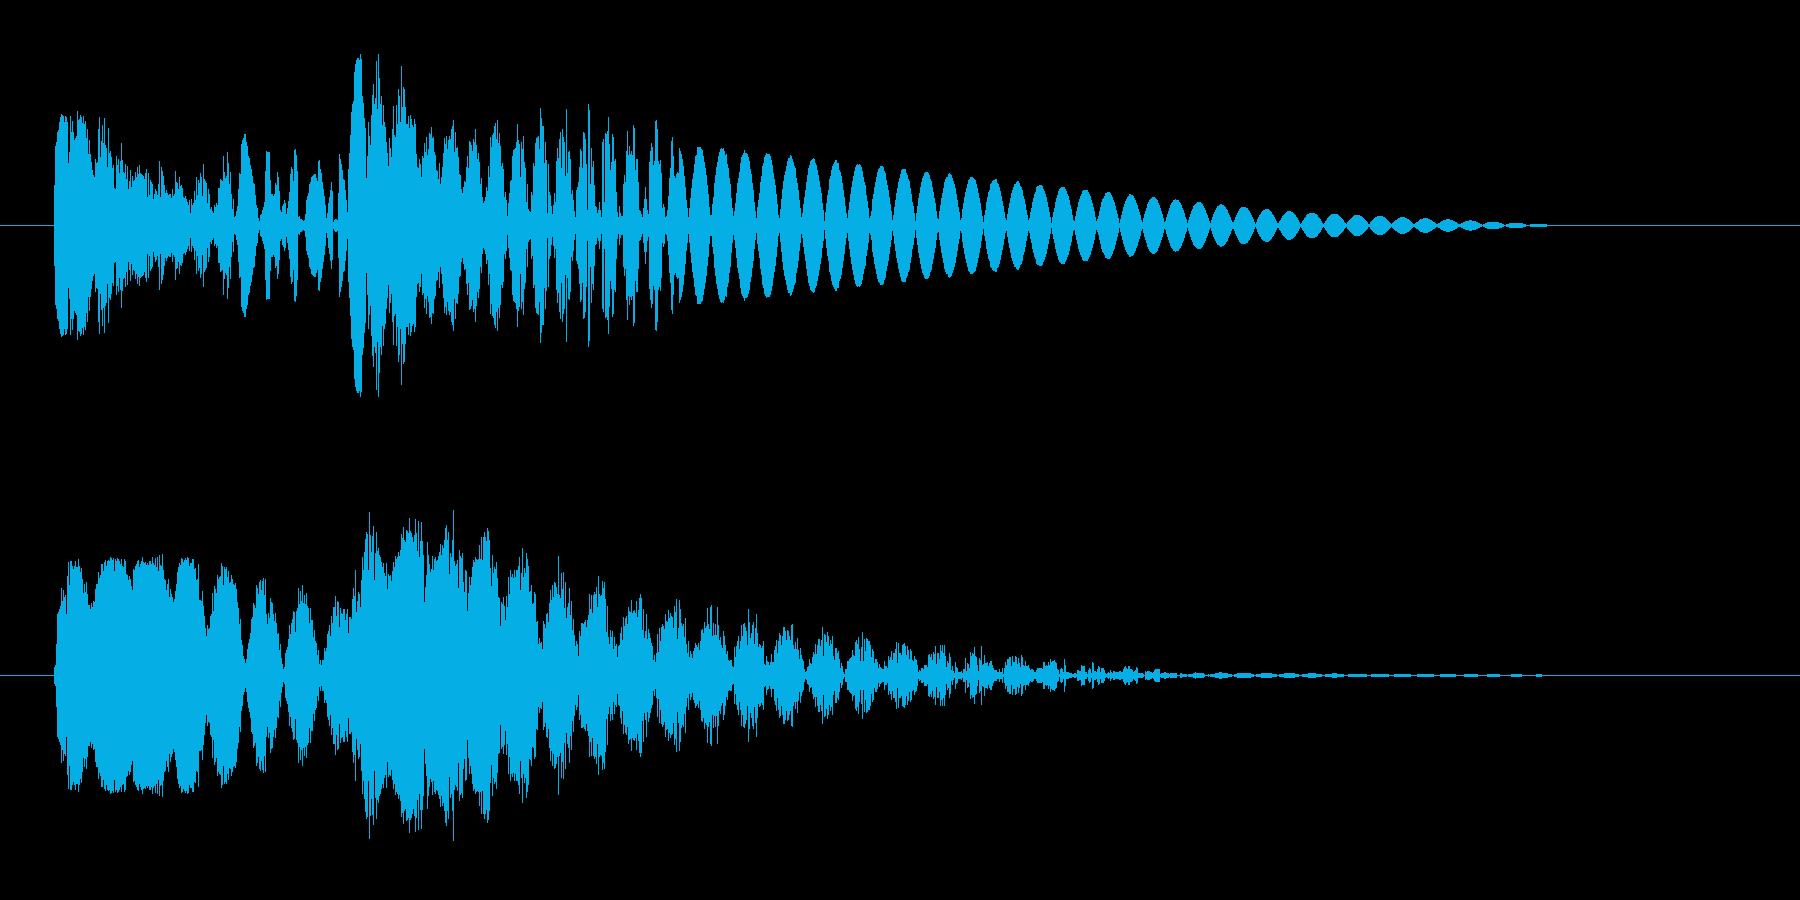 ピュピュン 射撃音3 レーザー銃などの再生済みの波形